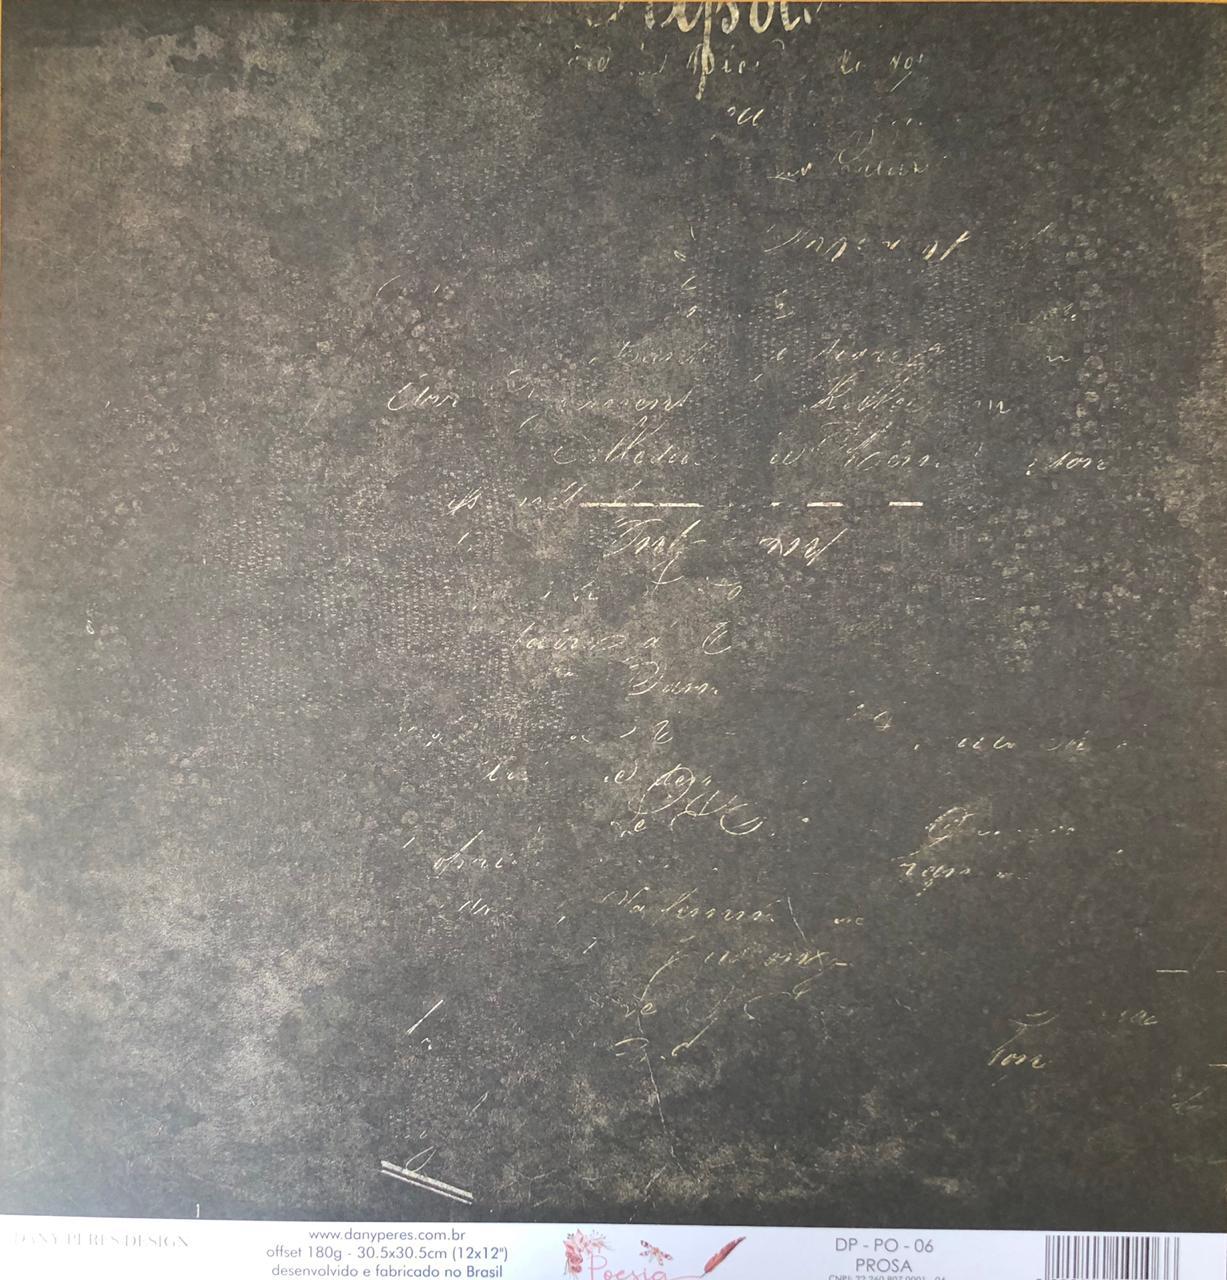 Papel Scrap - Prosa - Coleção Poesia - Dany Peres (DP-PO-06)